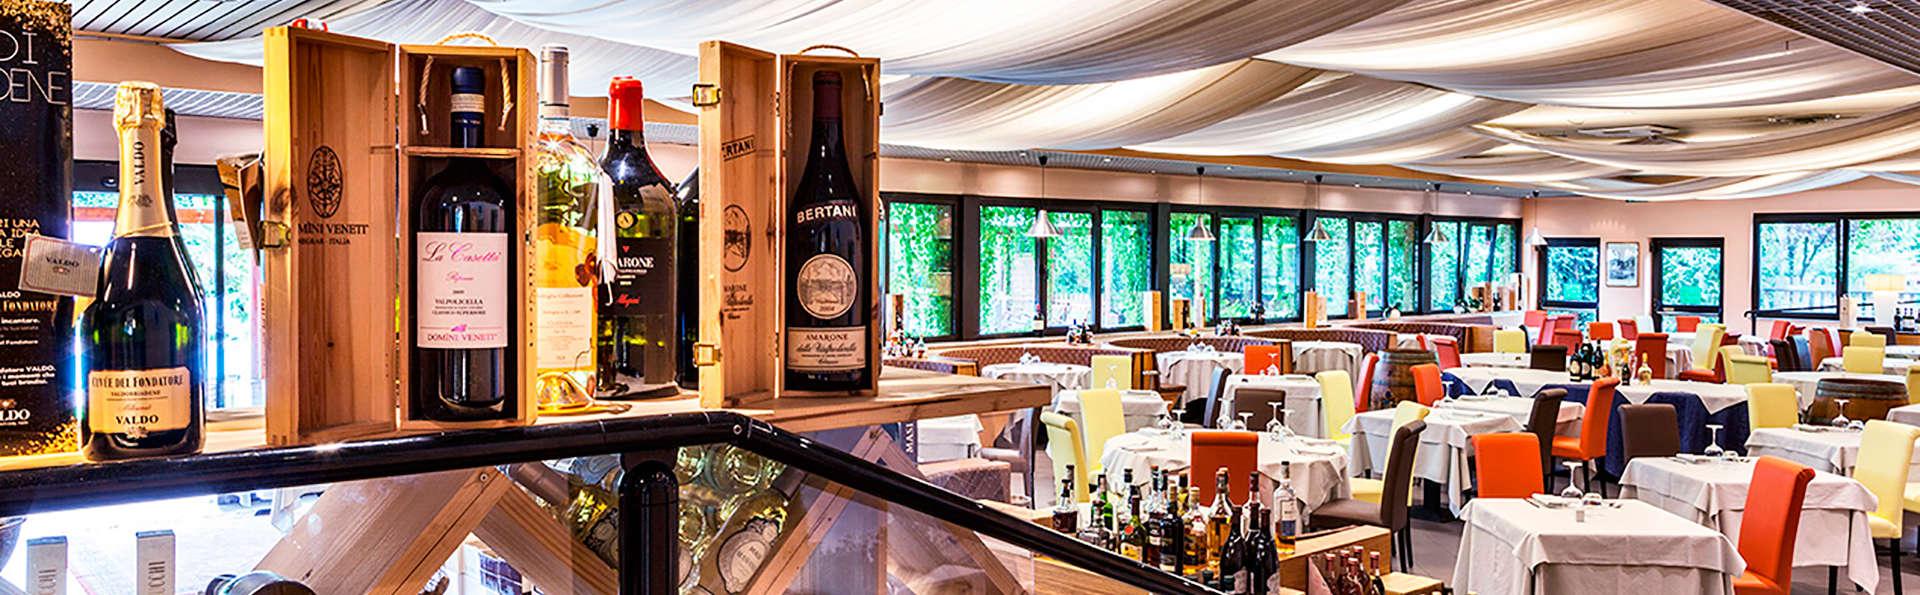 Hotel Saccardi & Spa - EDIT_restaurant1.jpg